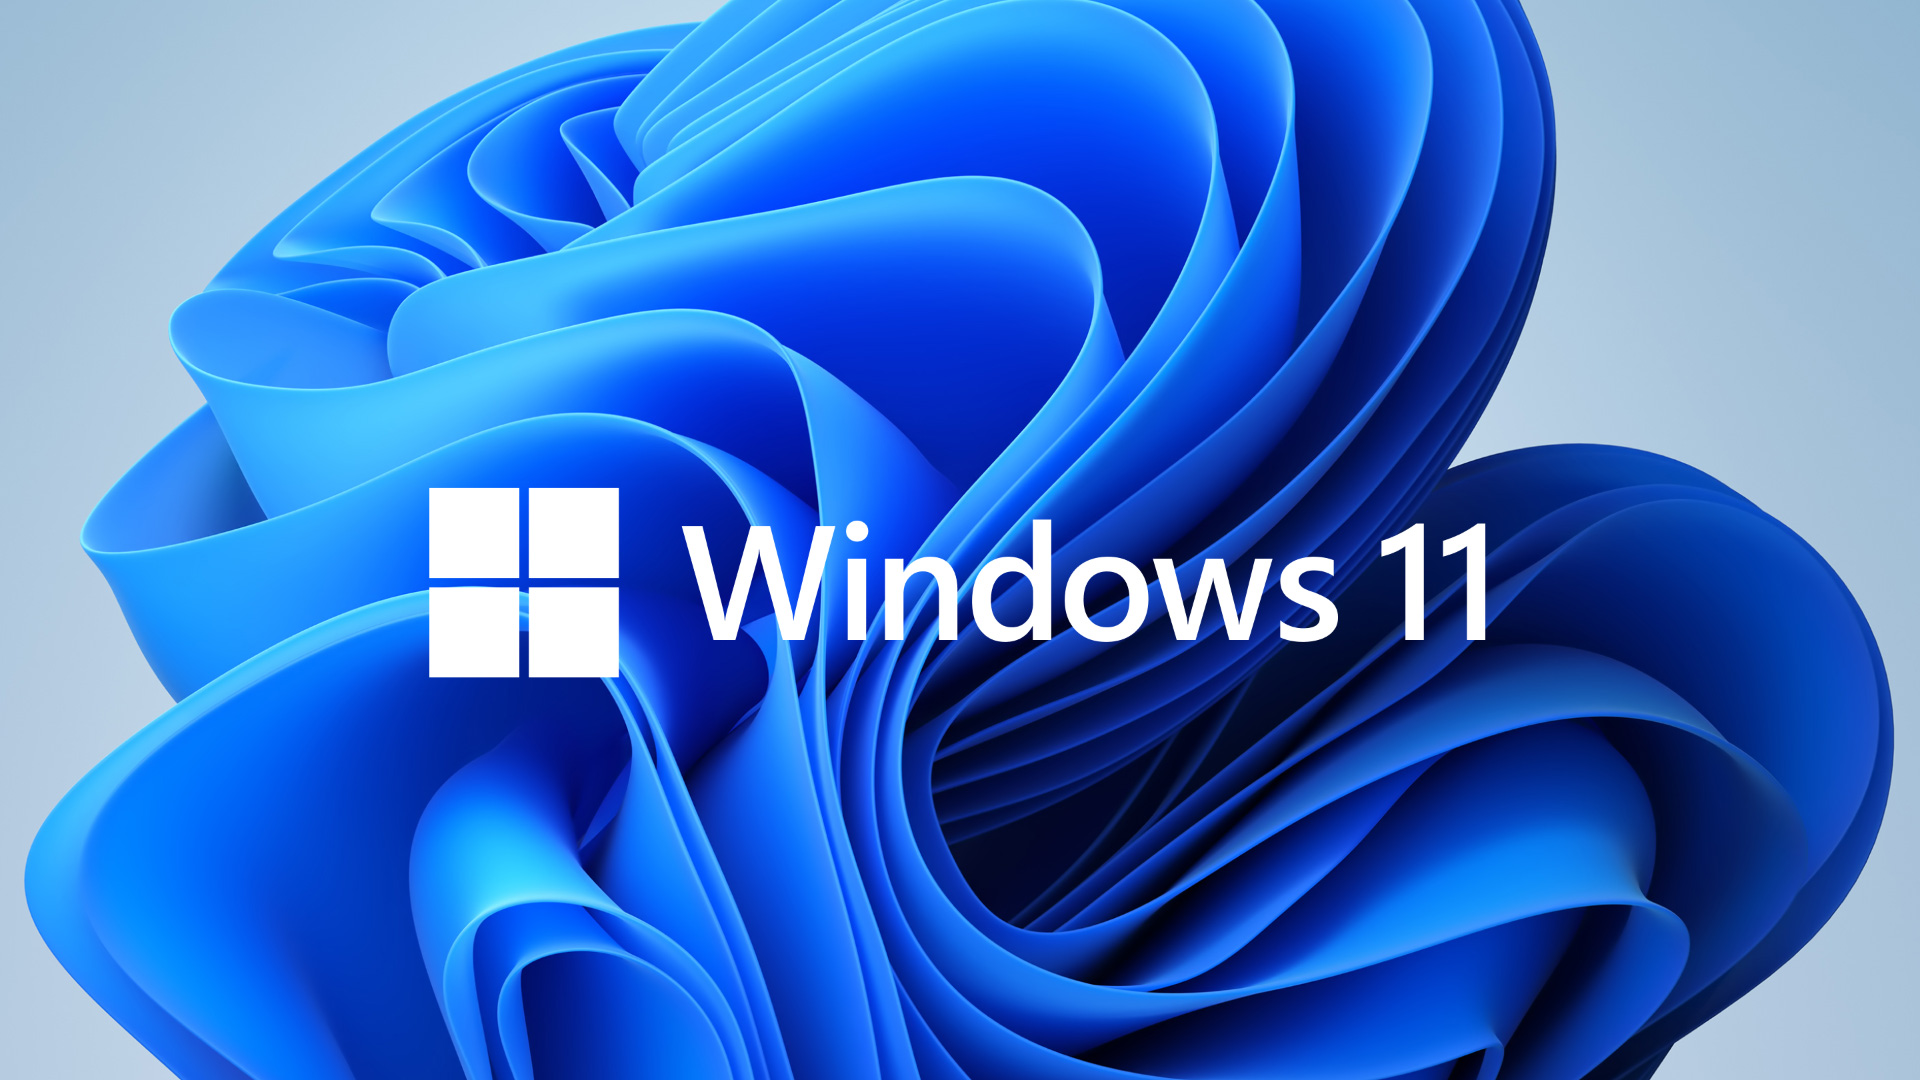 Емблема Windows11 і декоративний фон